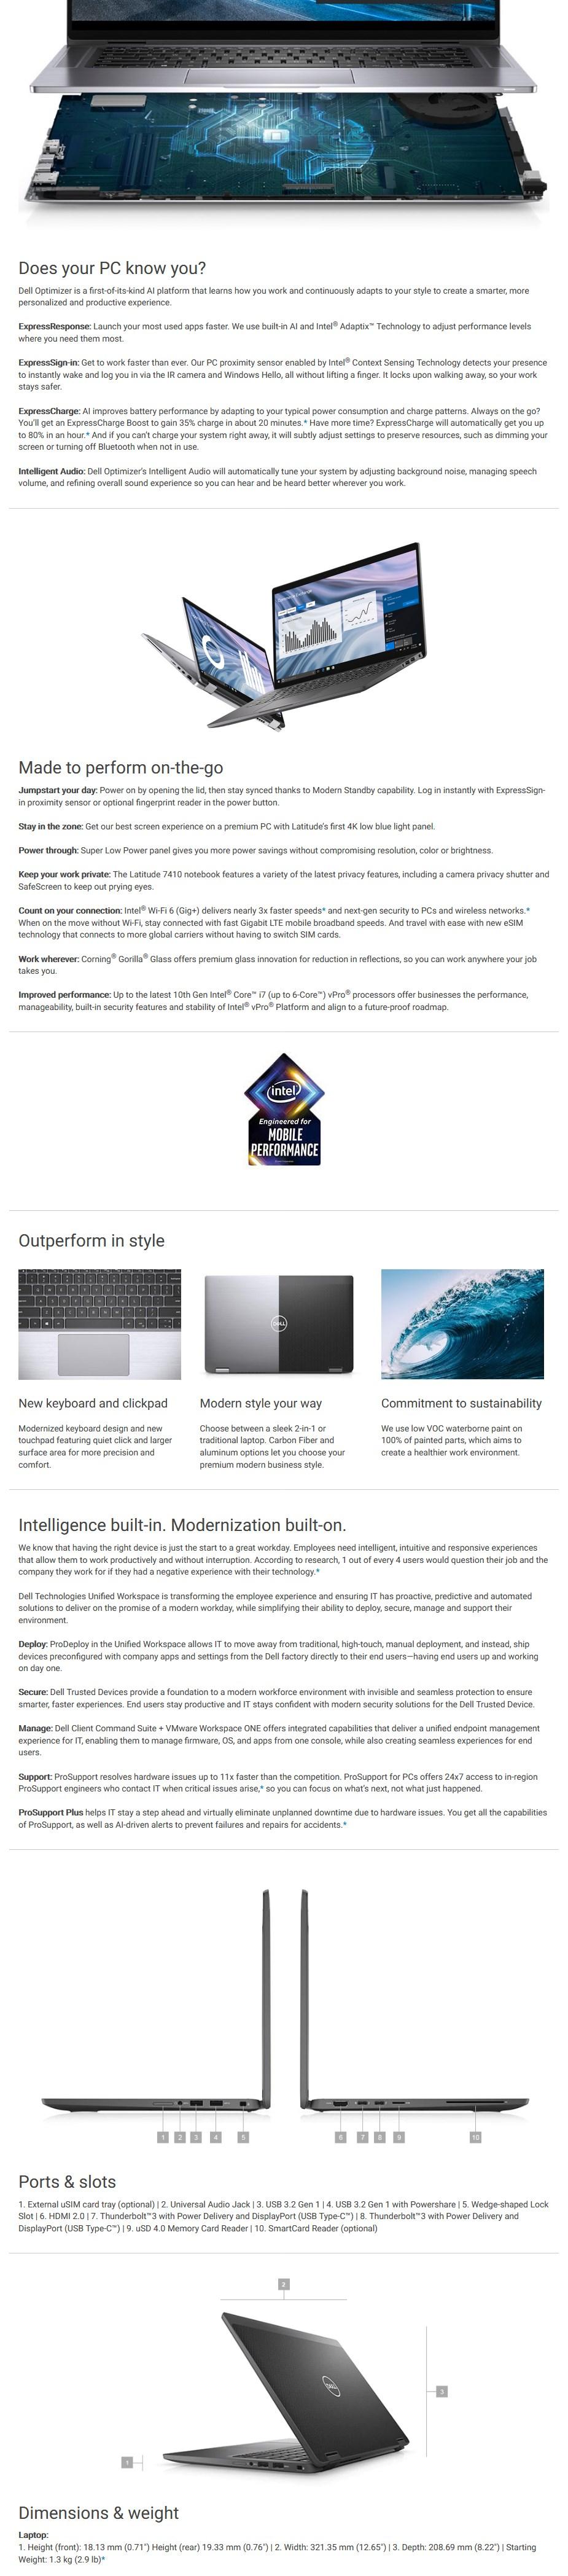 """Dell Latitude 7410 14"""" Laptop i5-10210U 8GB 256GB W10P - Overview 1"""